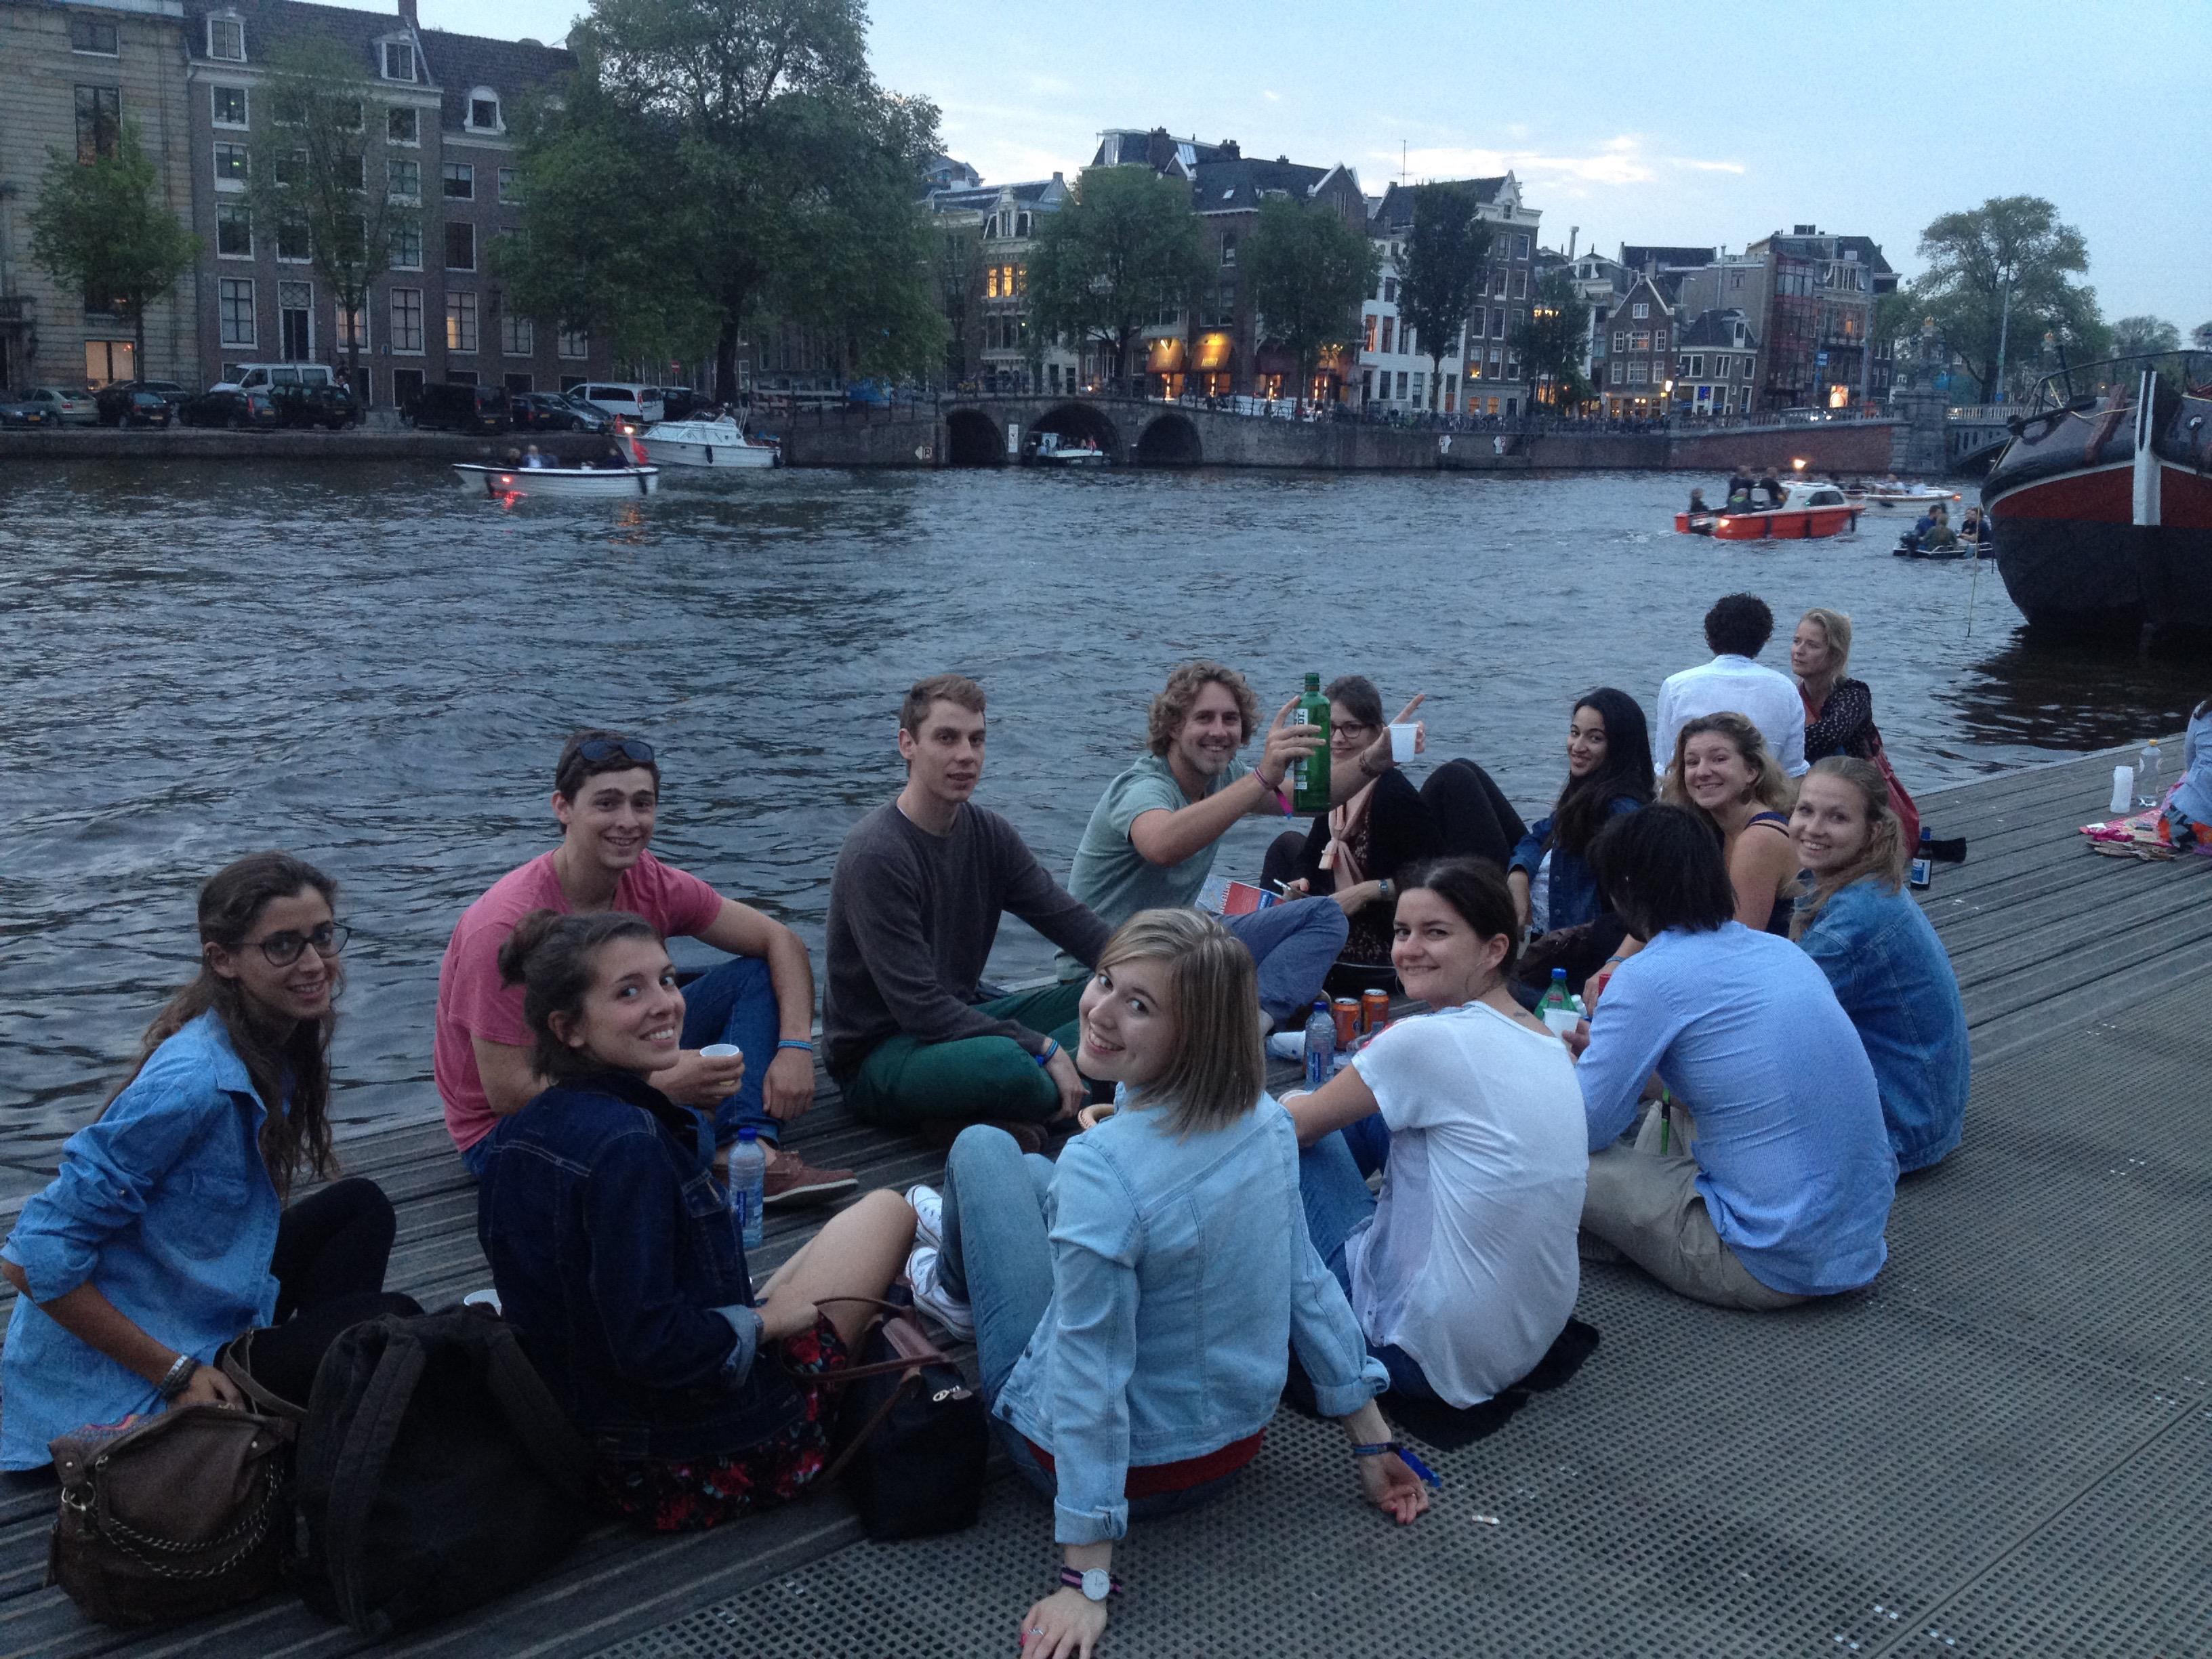 sally-wu-amsterdam-law-1155-3